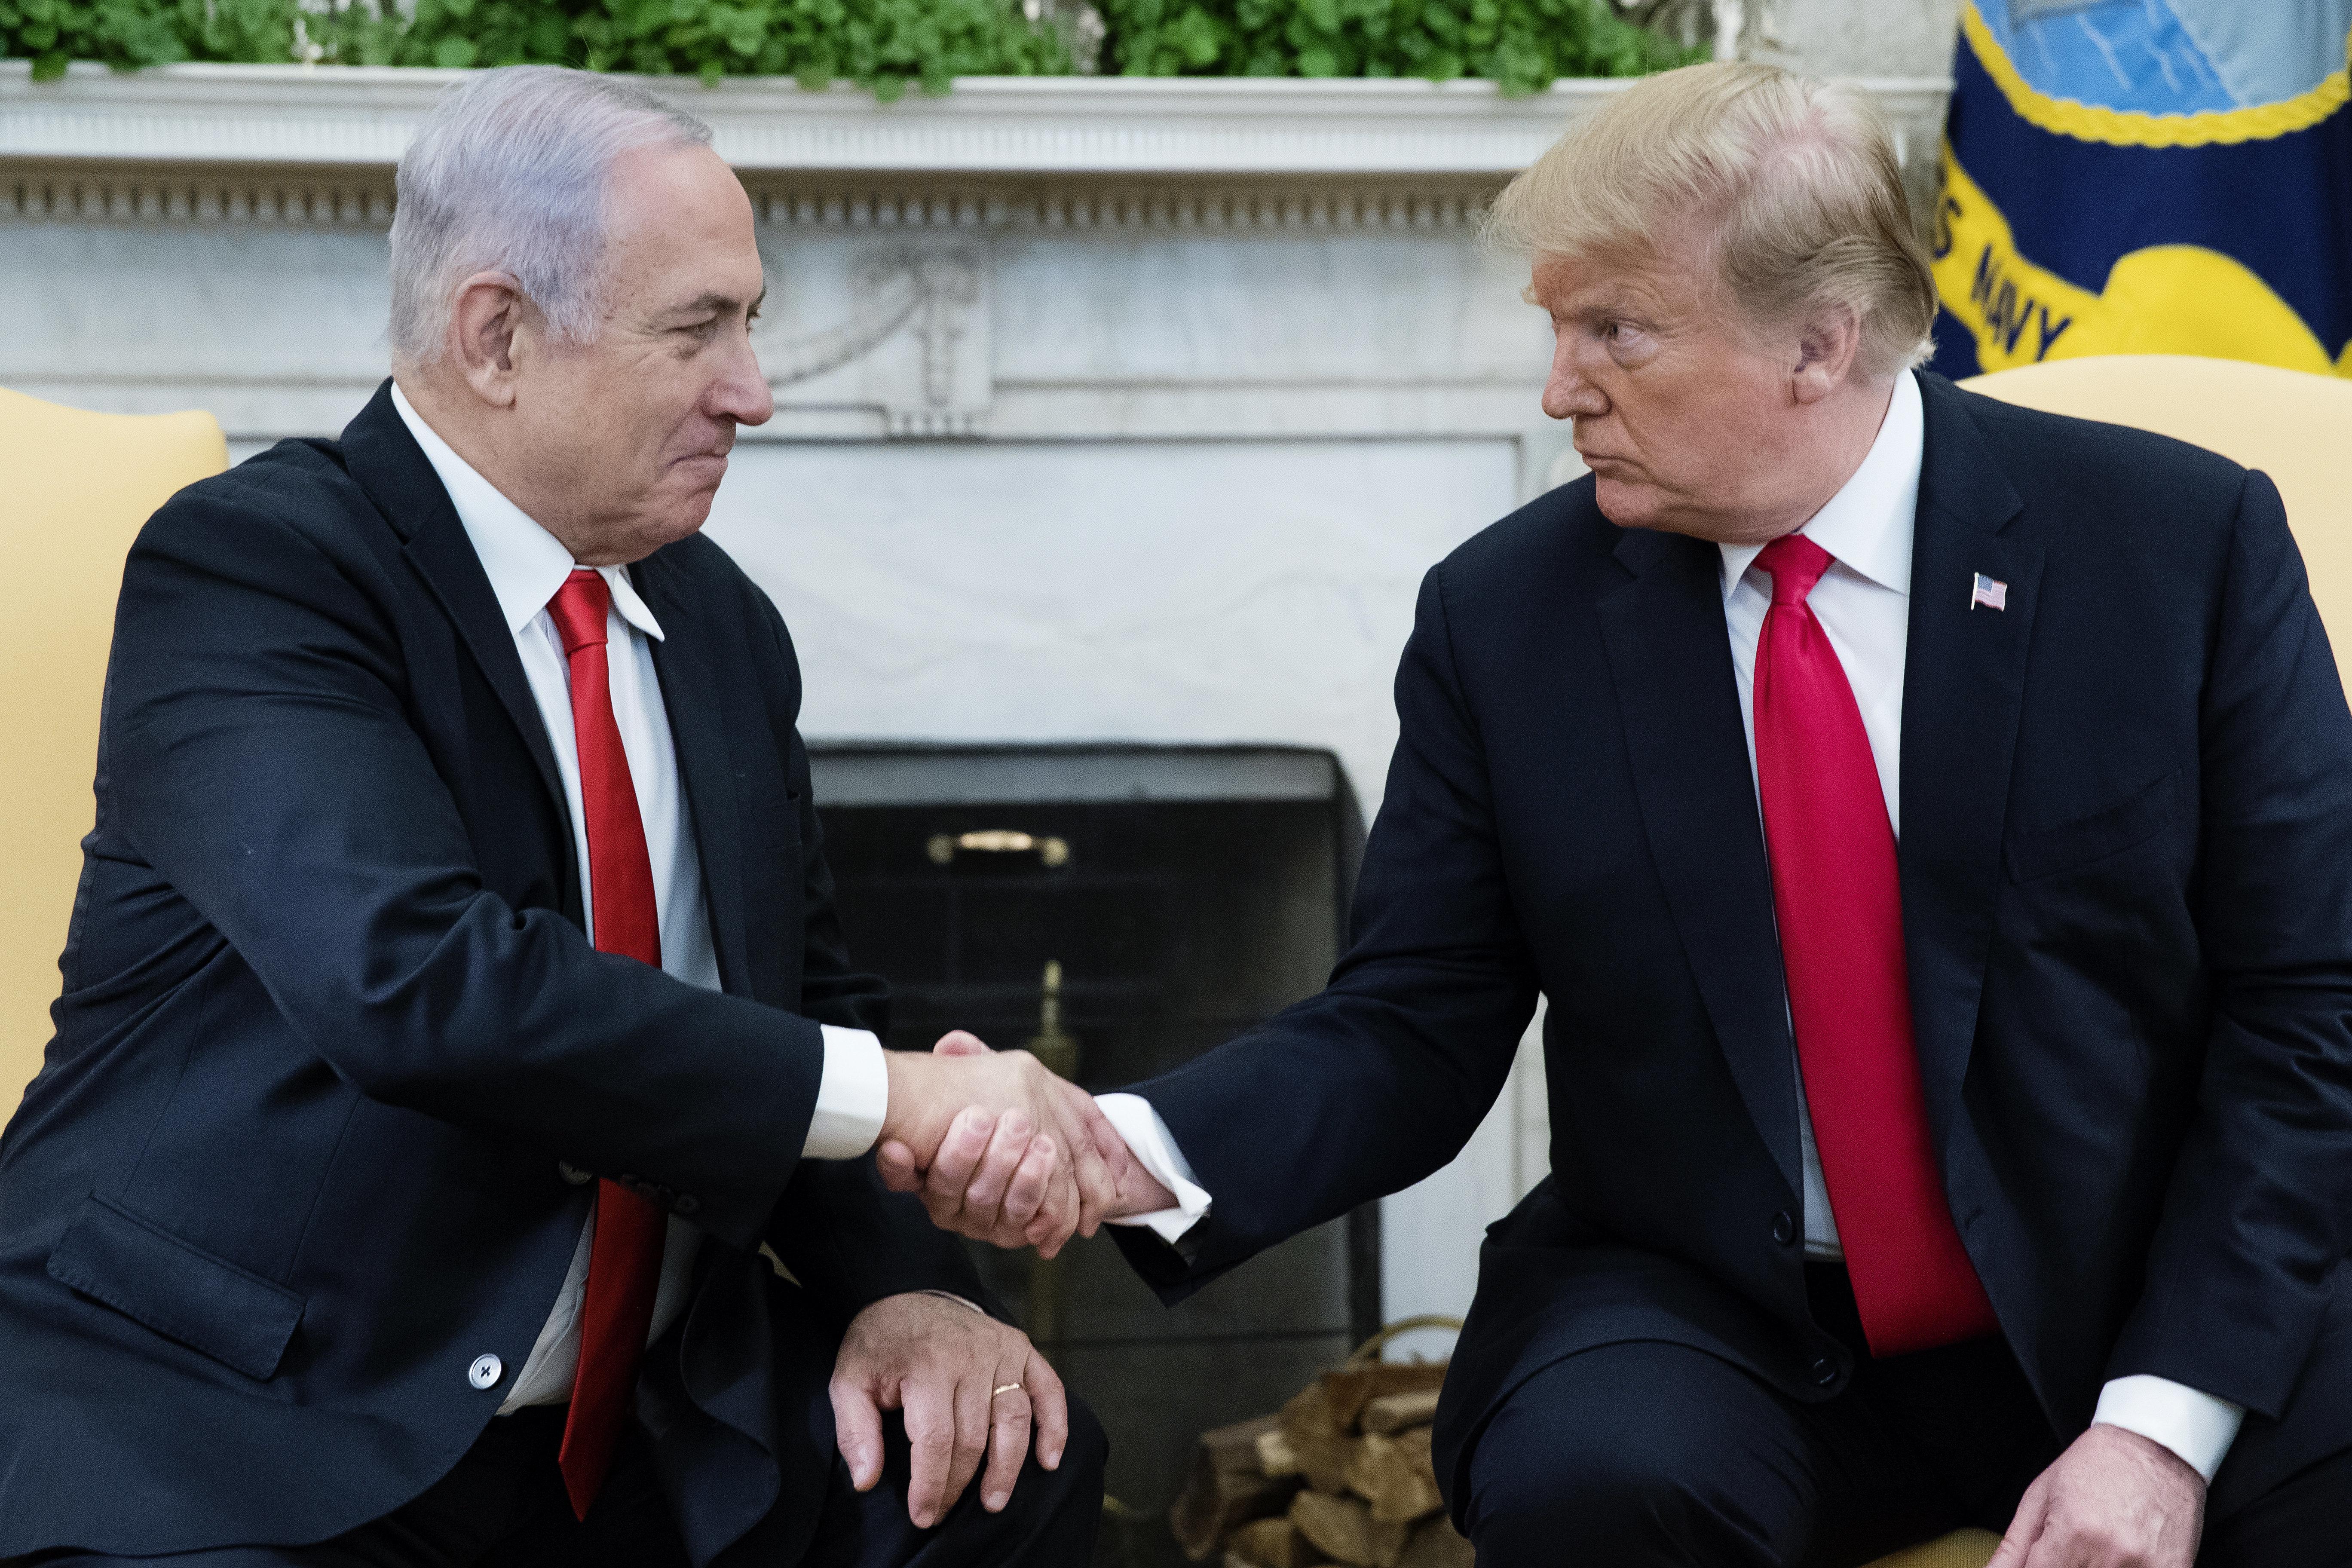 Des pays dénoncent la décision de Trump de reconnaître la souveraineté d'Israël sur le